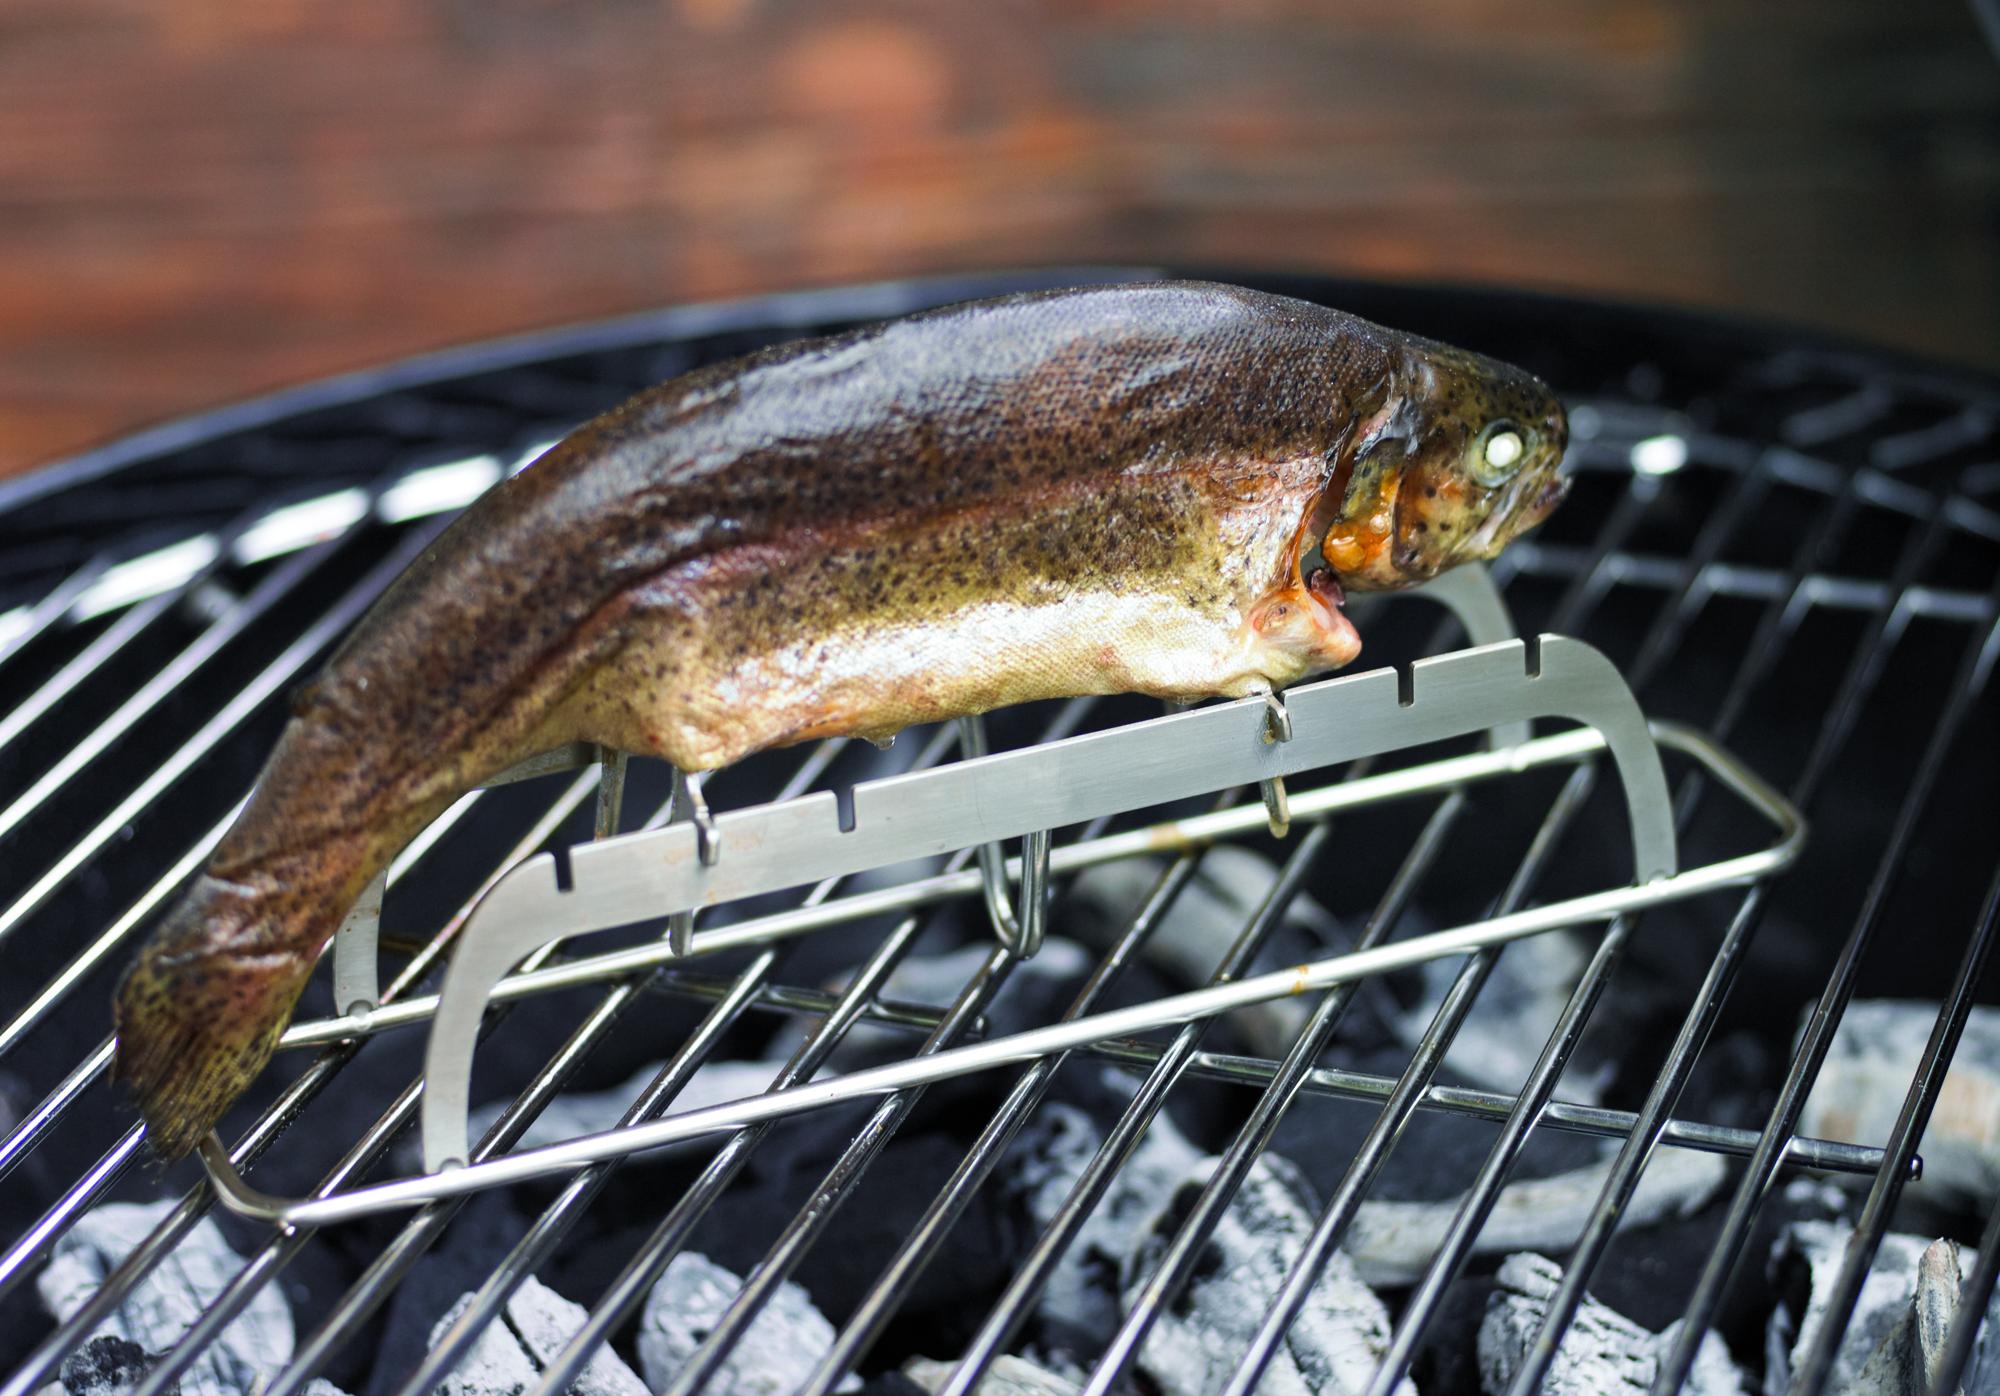 Fisch Gasgrill : Fisch vom grill? fischhalter oder fischbräter für jeden grill